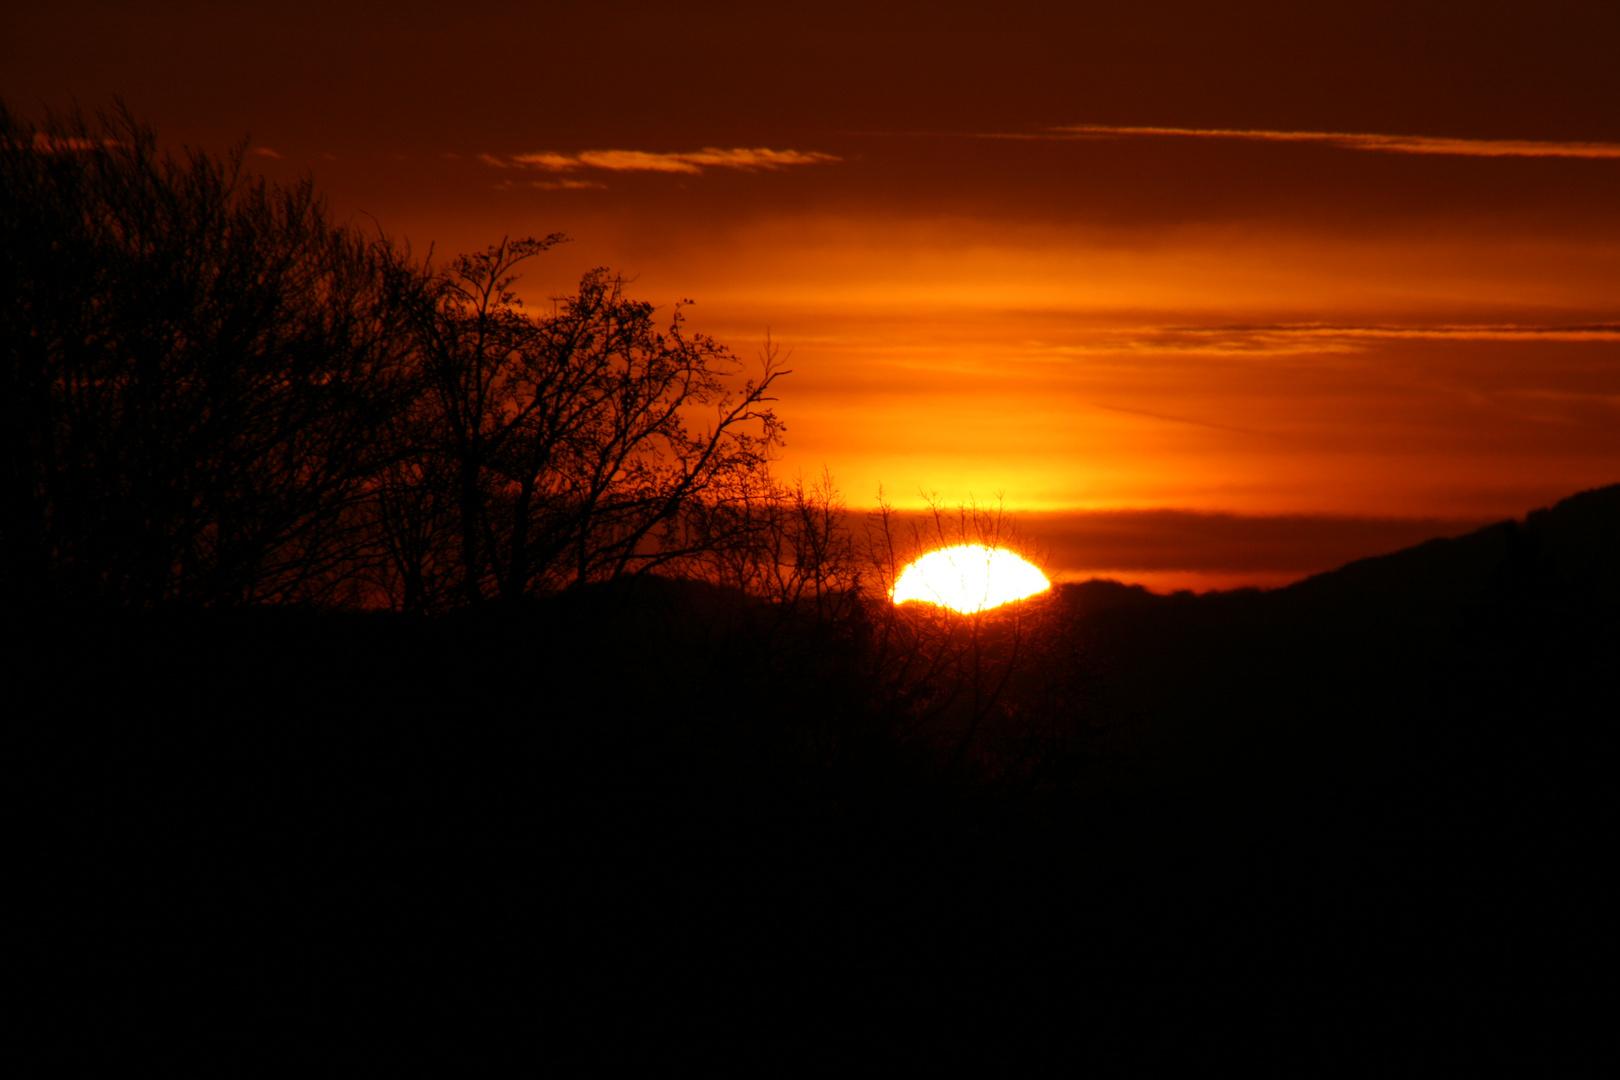 Sonnenaufgang in Hittenkirchen